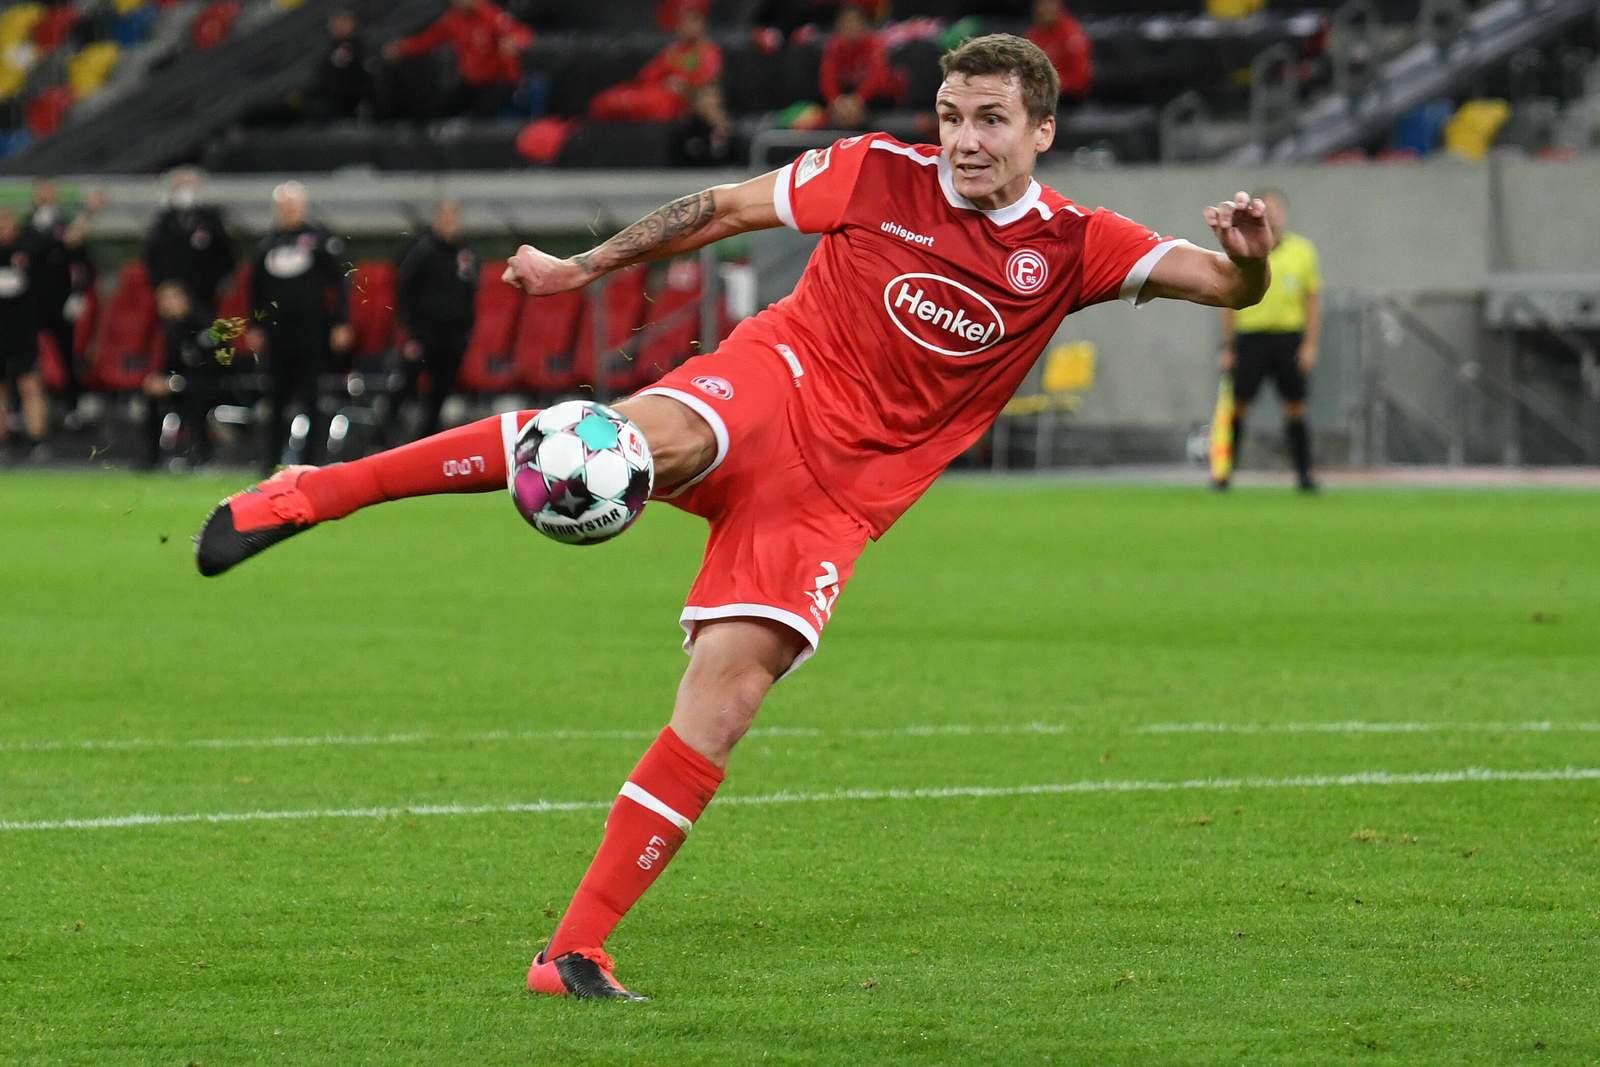 Marcel Sobottka von Fortuna Düsseldorf